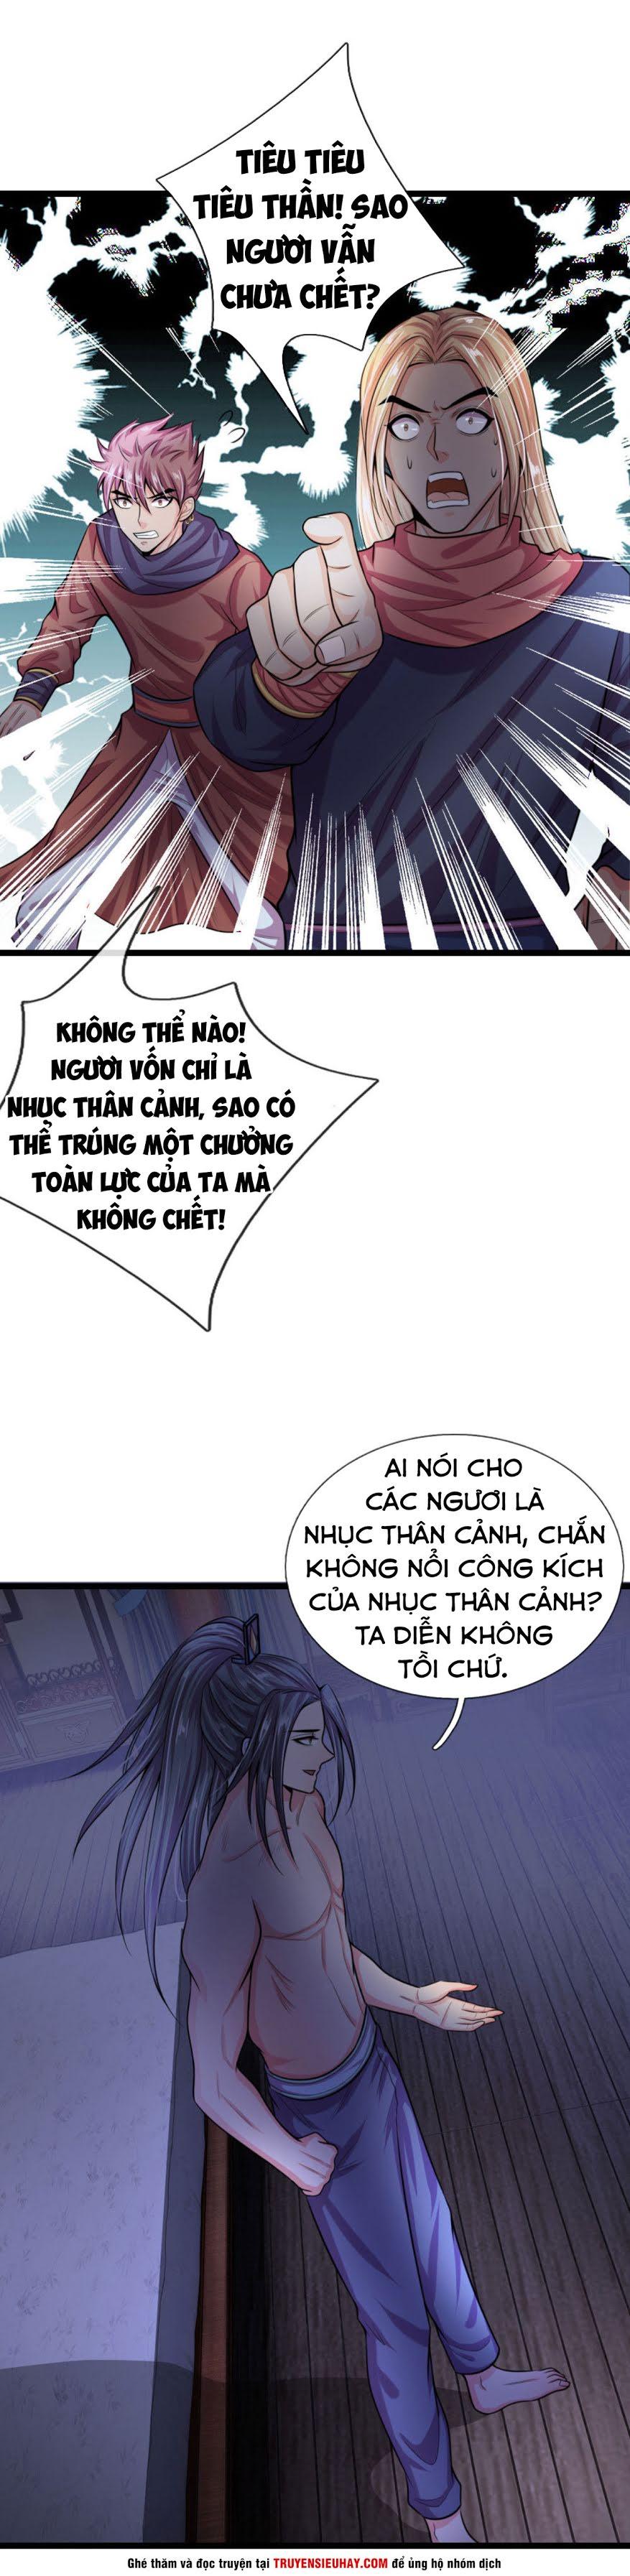 Thần Võ Thiên Tôn